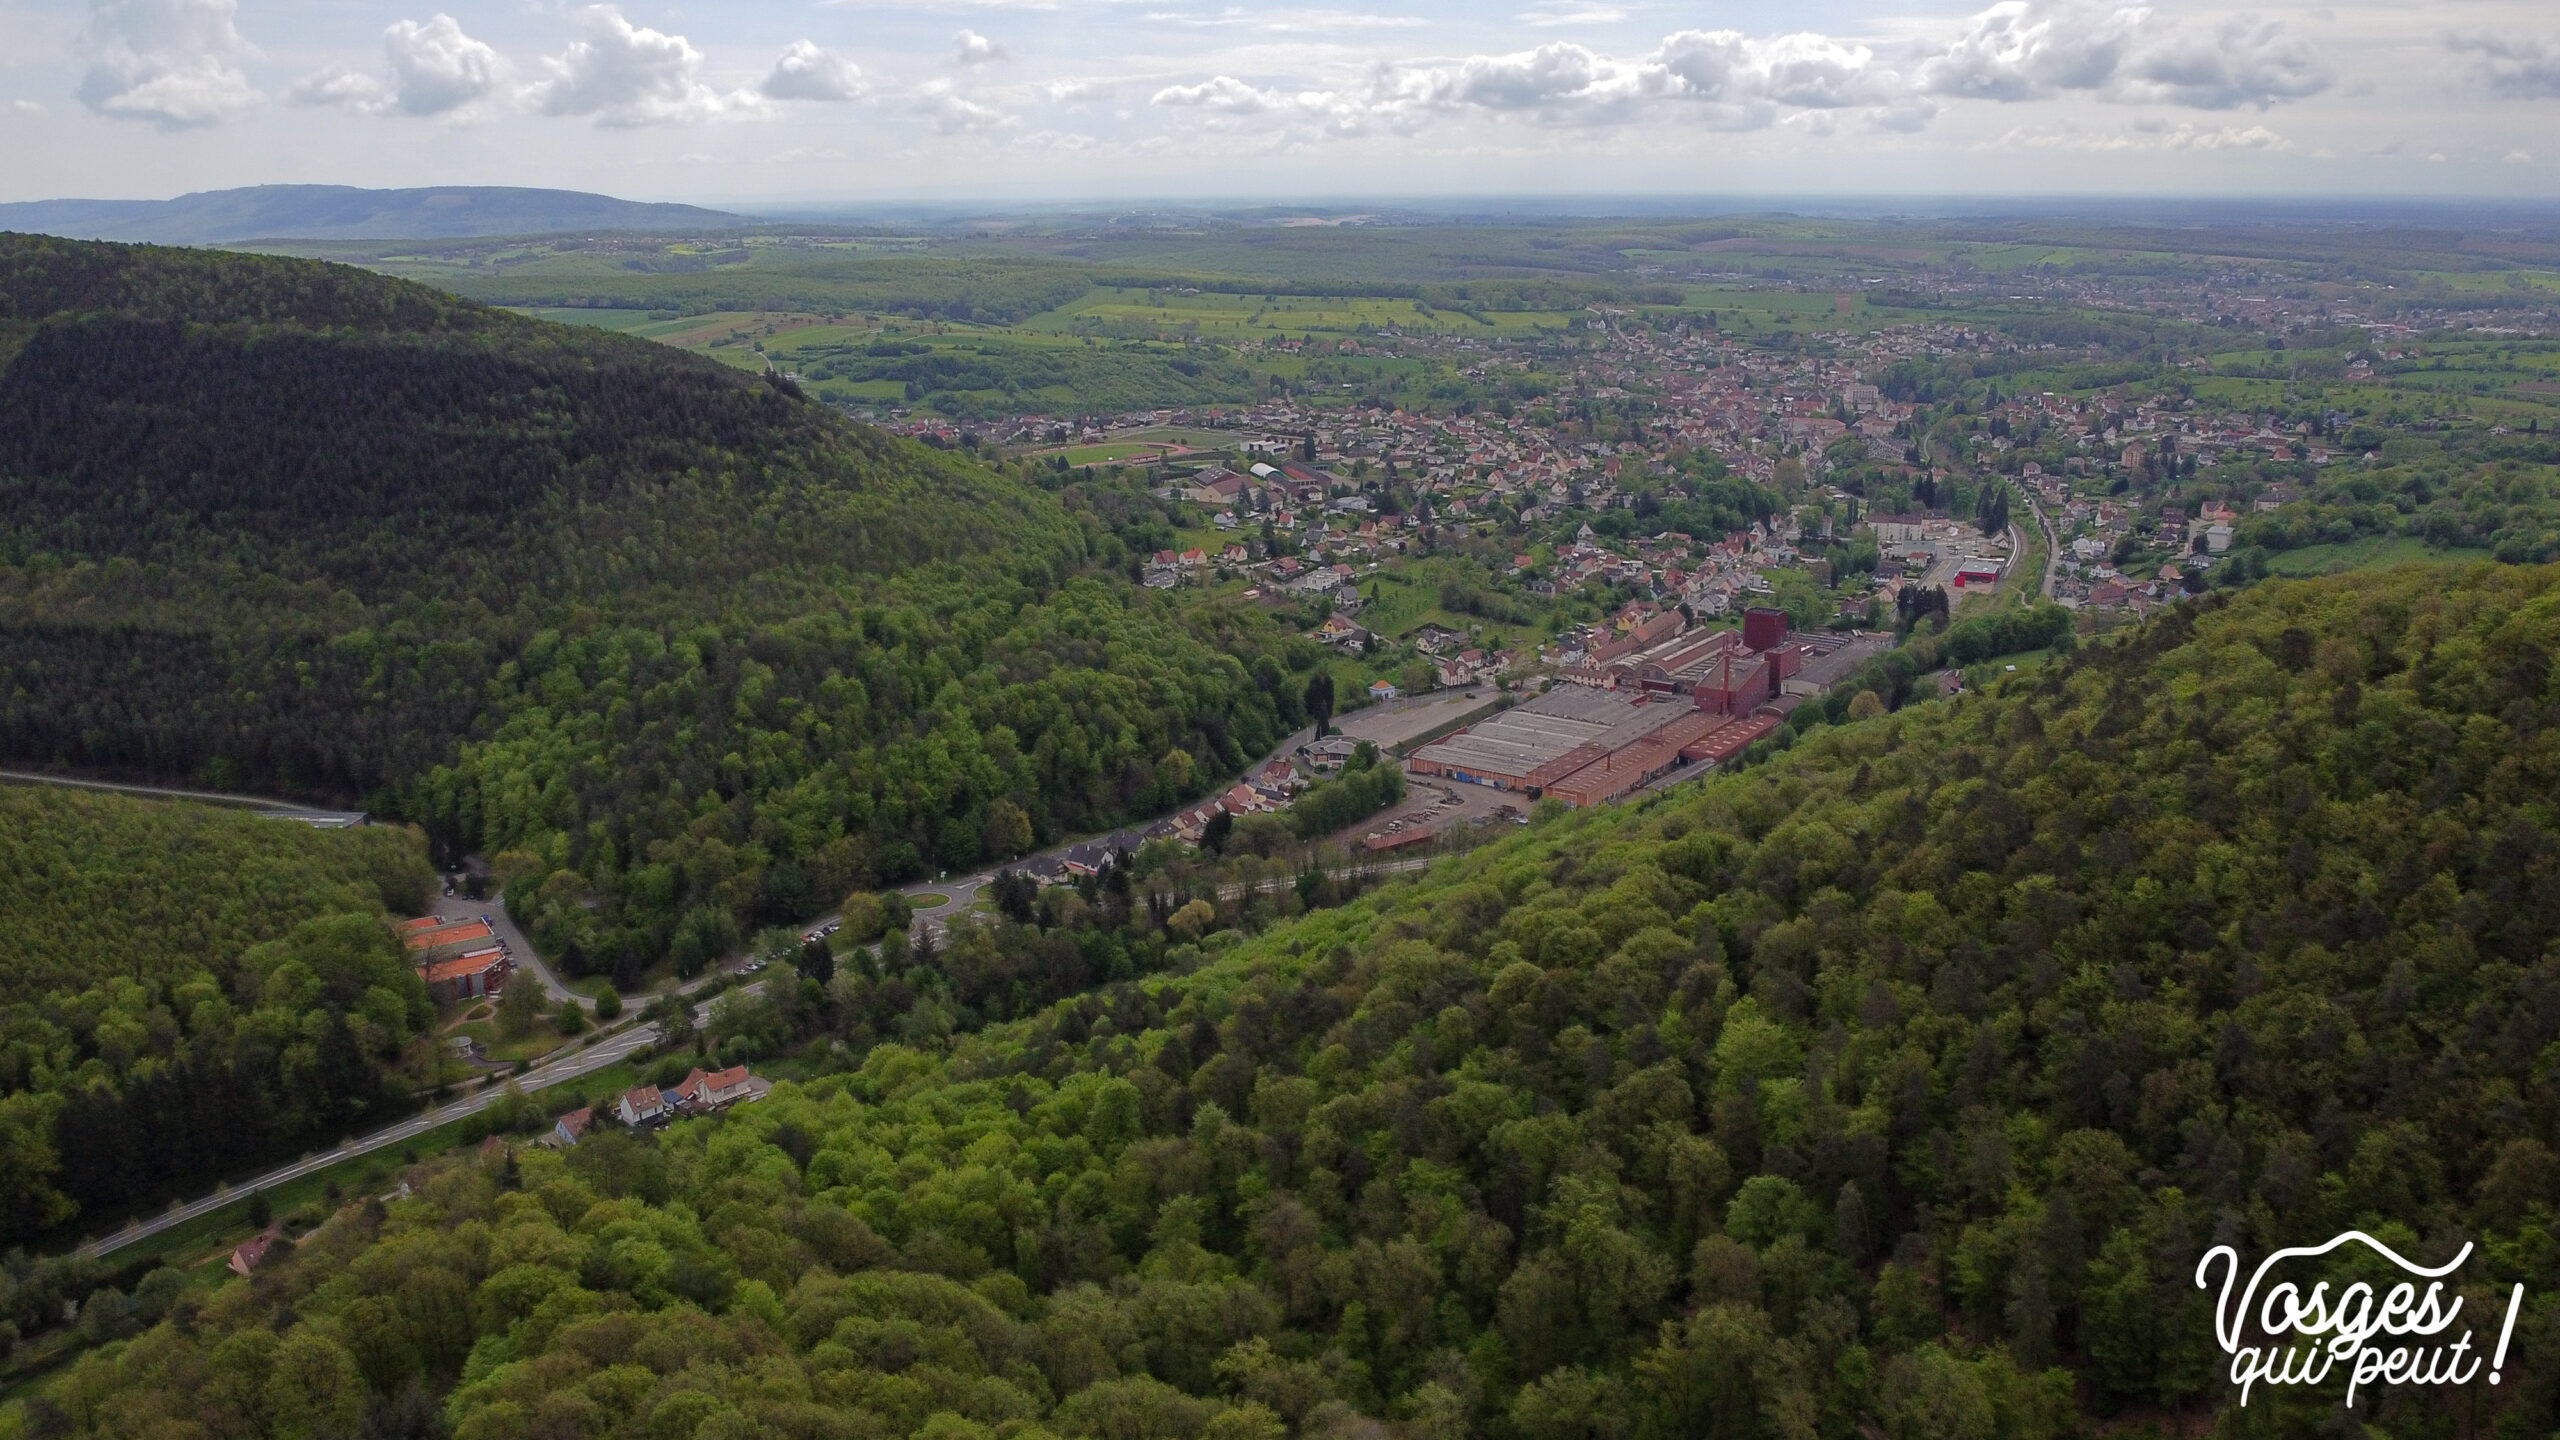 Vue sur Niederbronn-les-Bains depuis le château du Wasenbourg